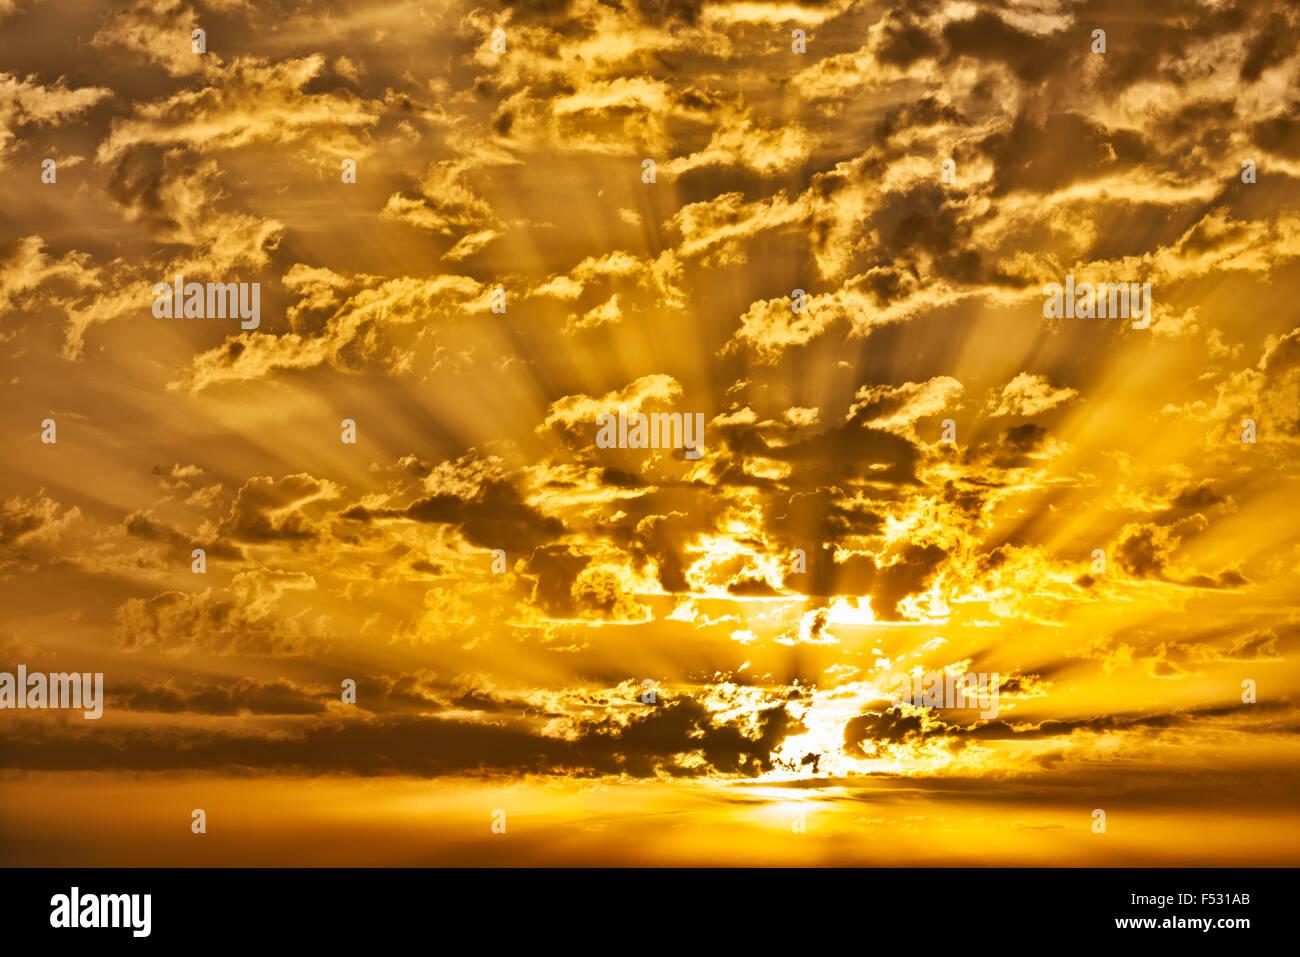 Lever du soleil avec des nuages et du soleil. Banque D'Images